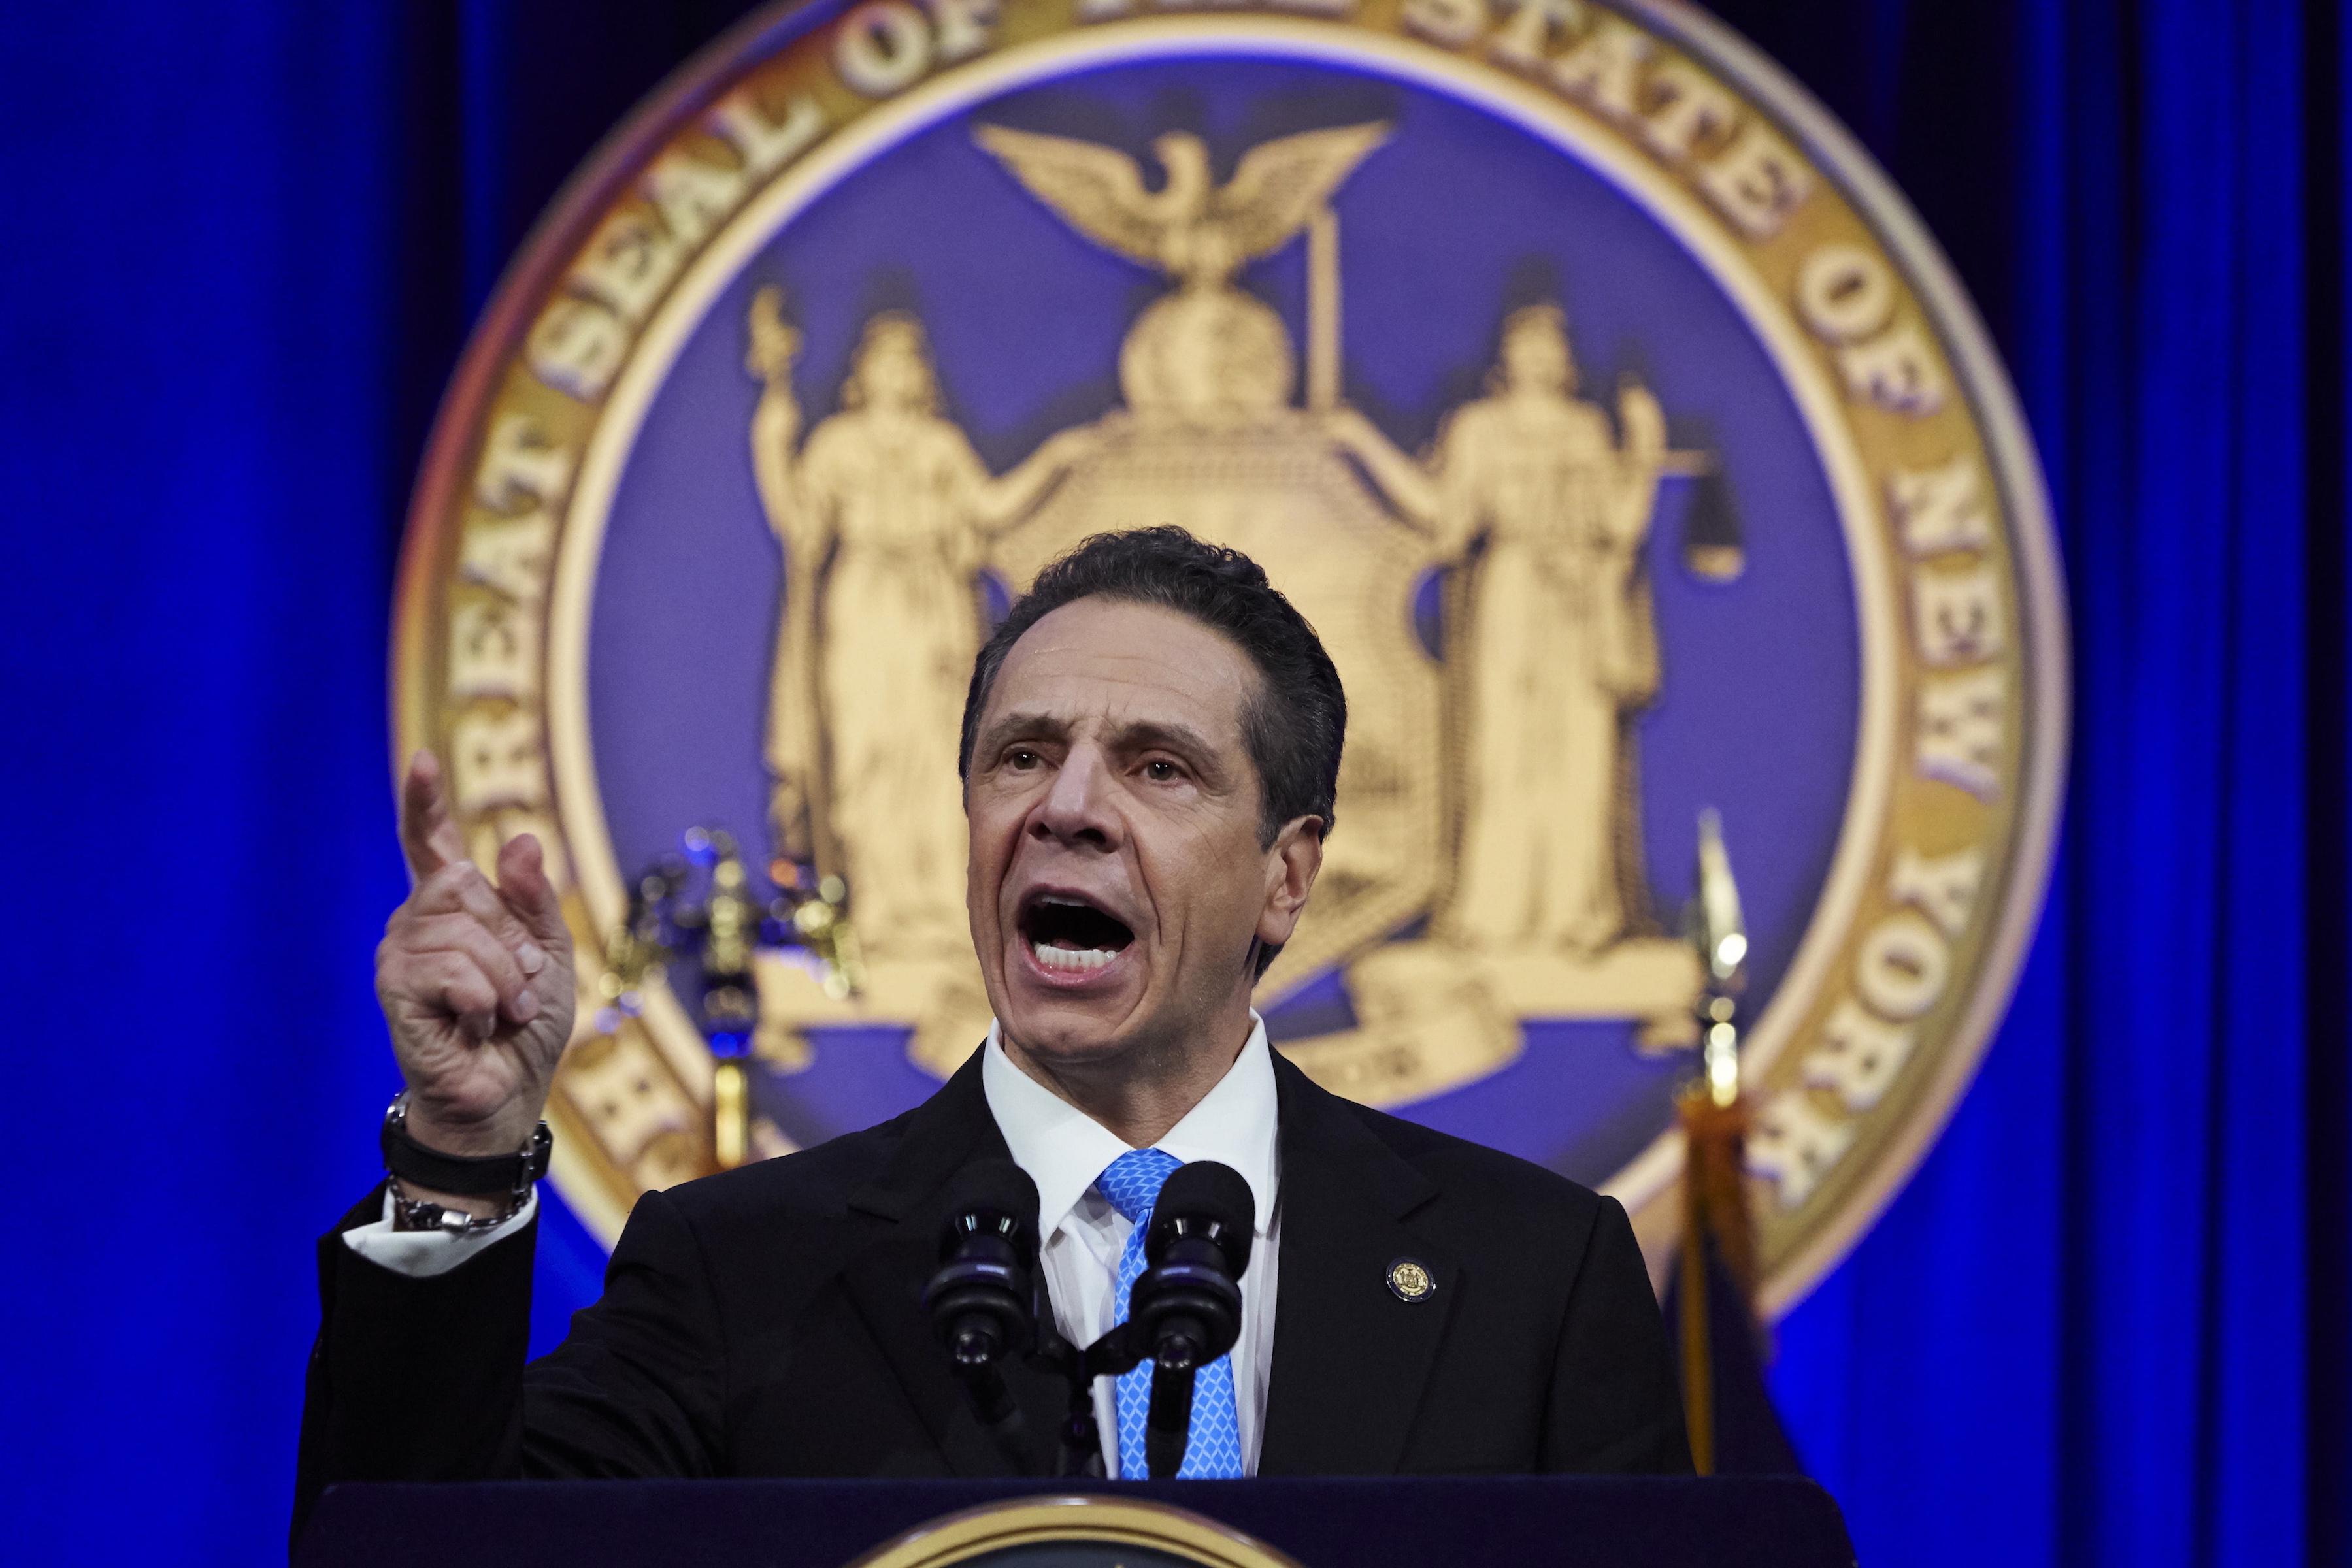 Gobernador de N. York anuncia contratación abogados para servicios a inmigrantes